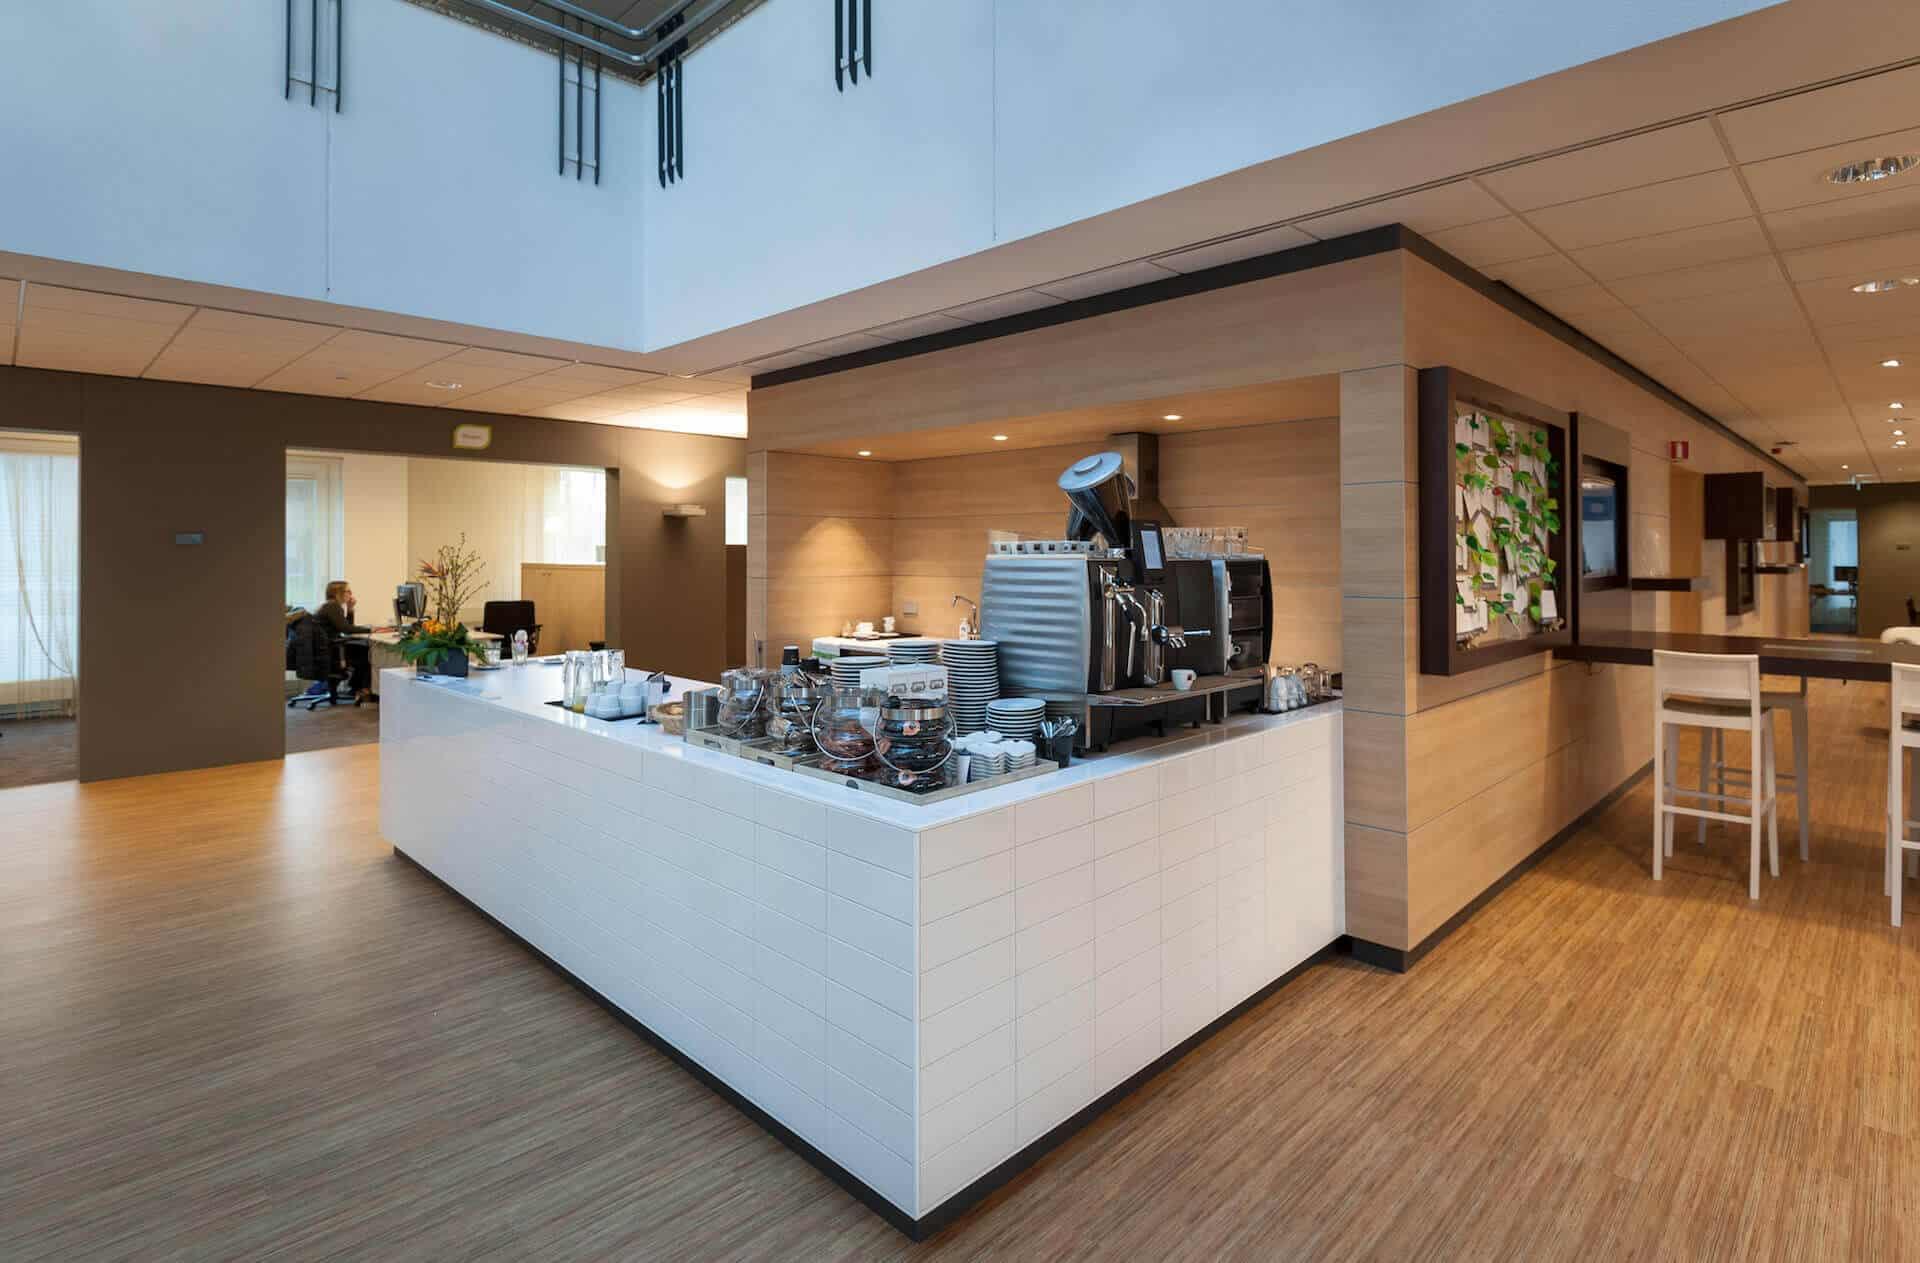 Interieur ontwerp interieurarchitect hengelo amsterdam for Interieurarchitect amsterdam